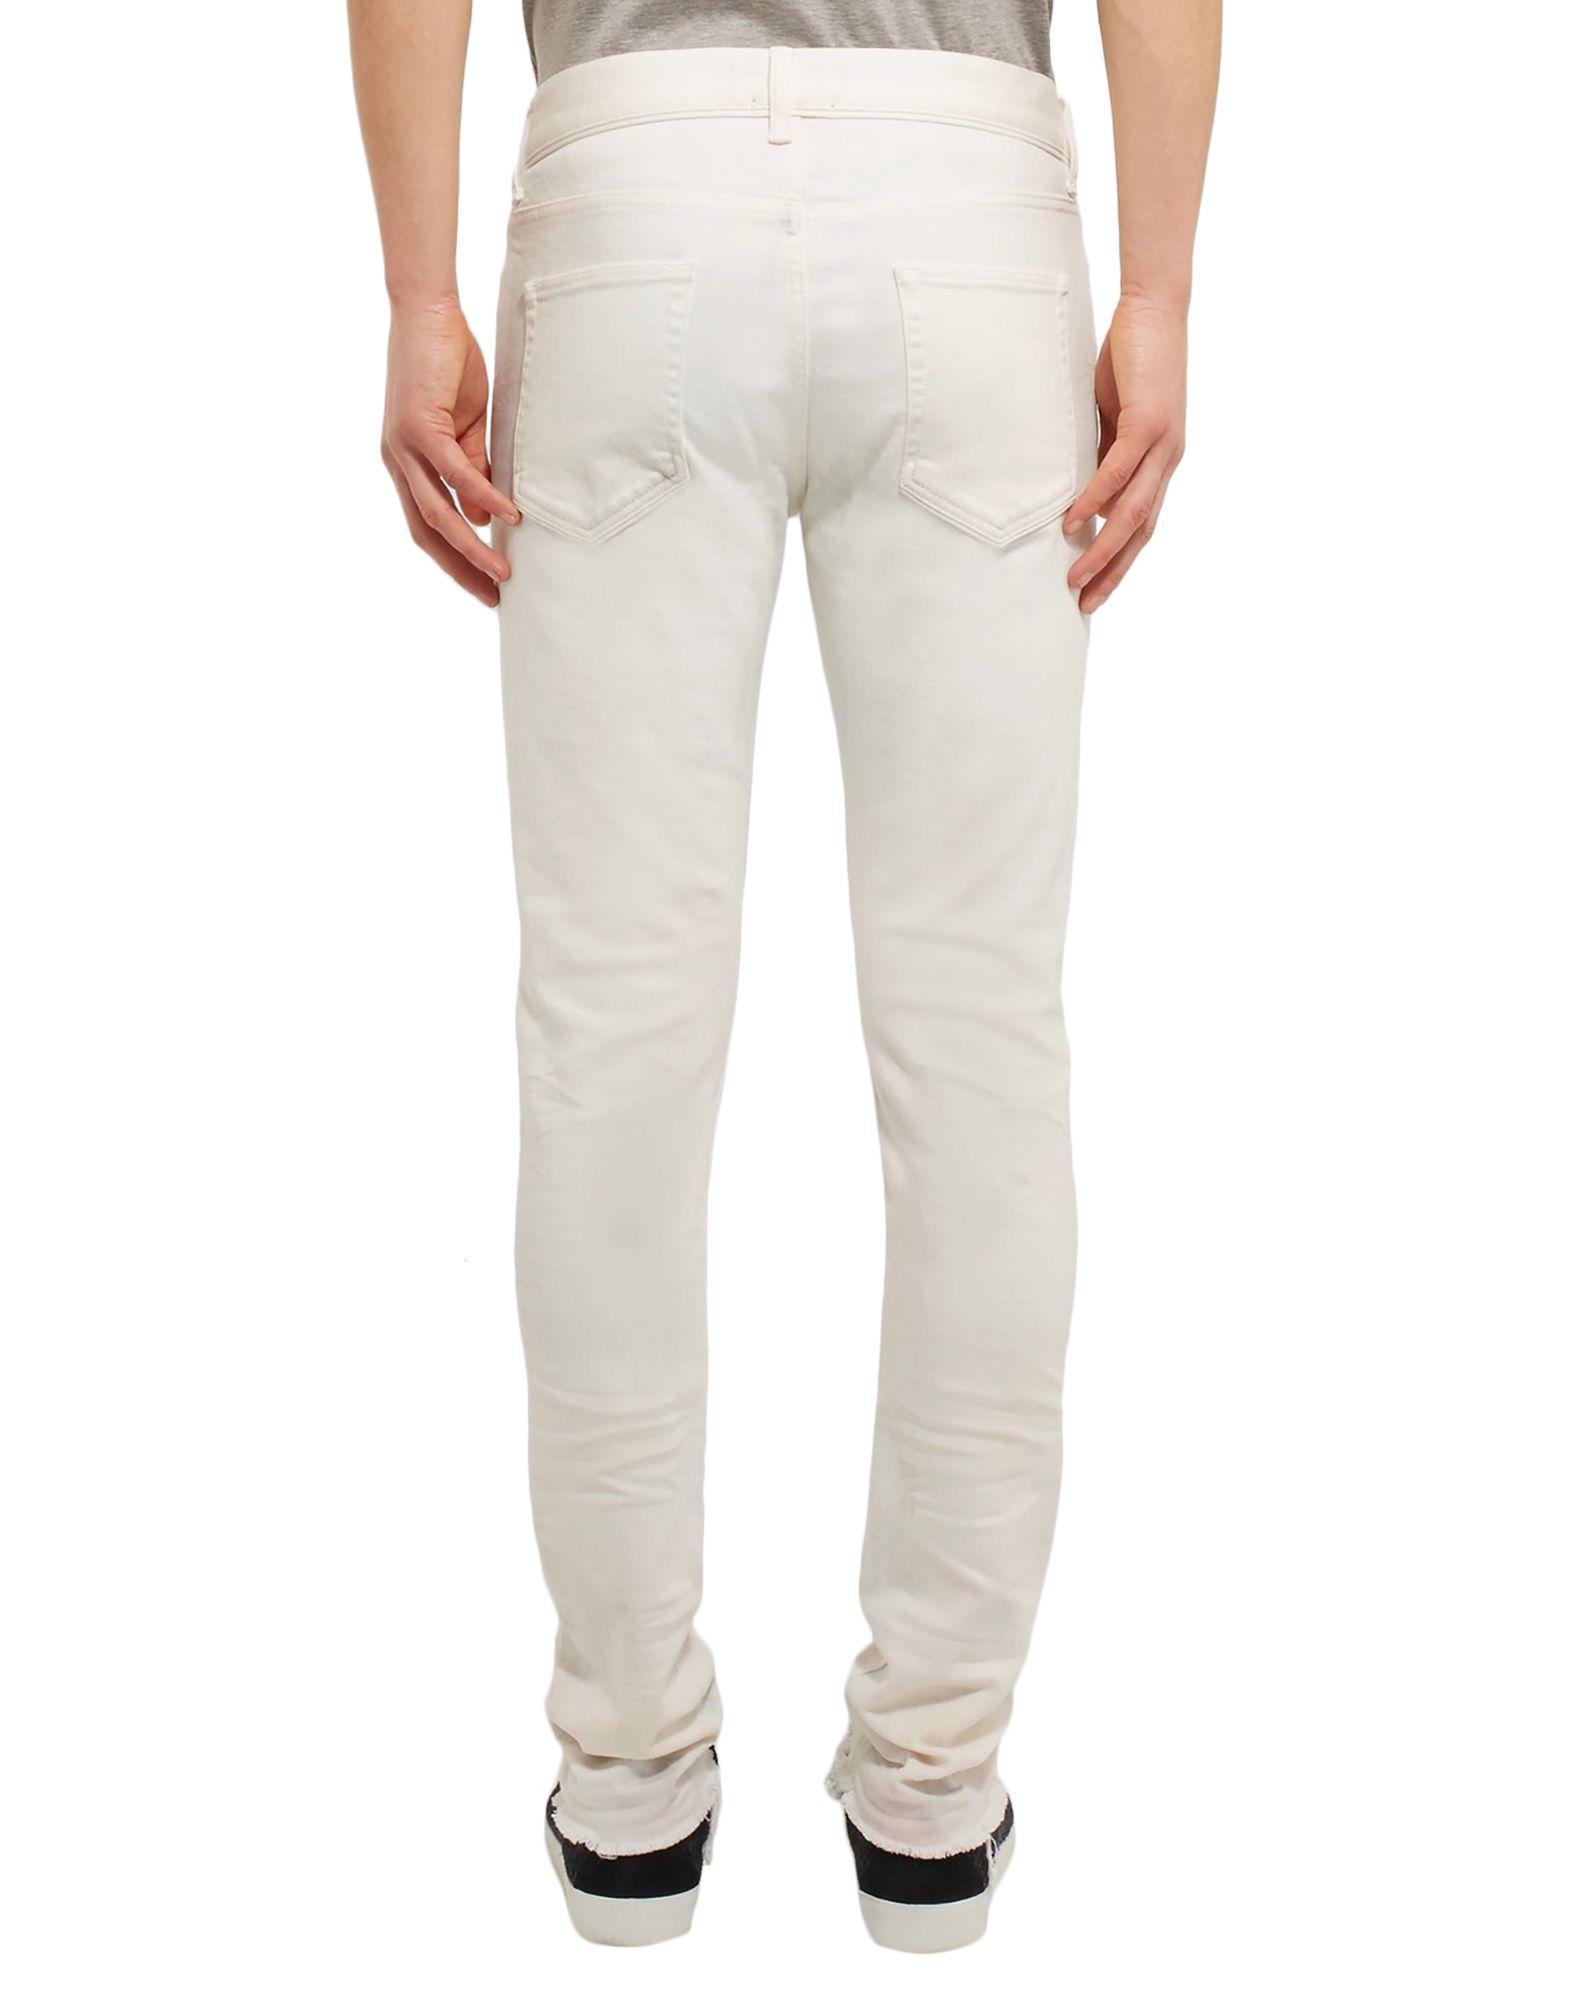 John Elliott Denim Pants in Ivory (White) for Men